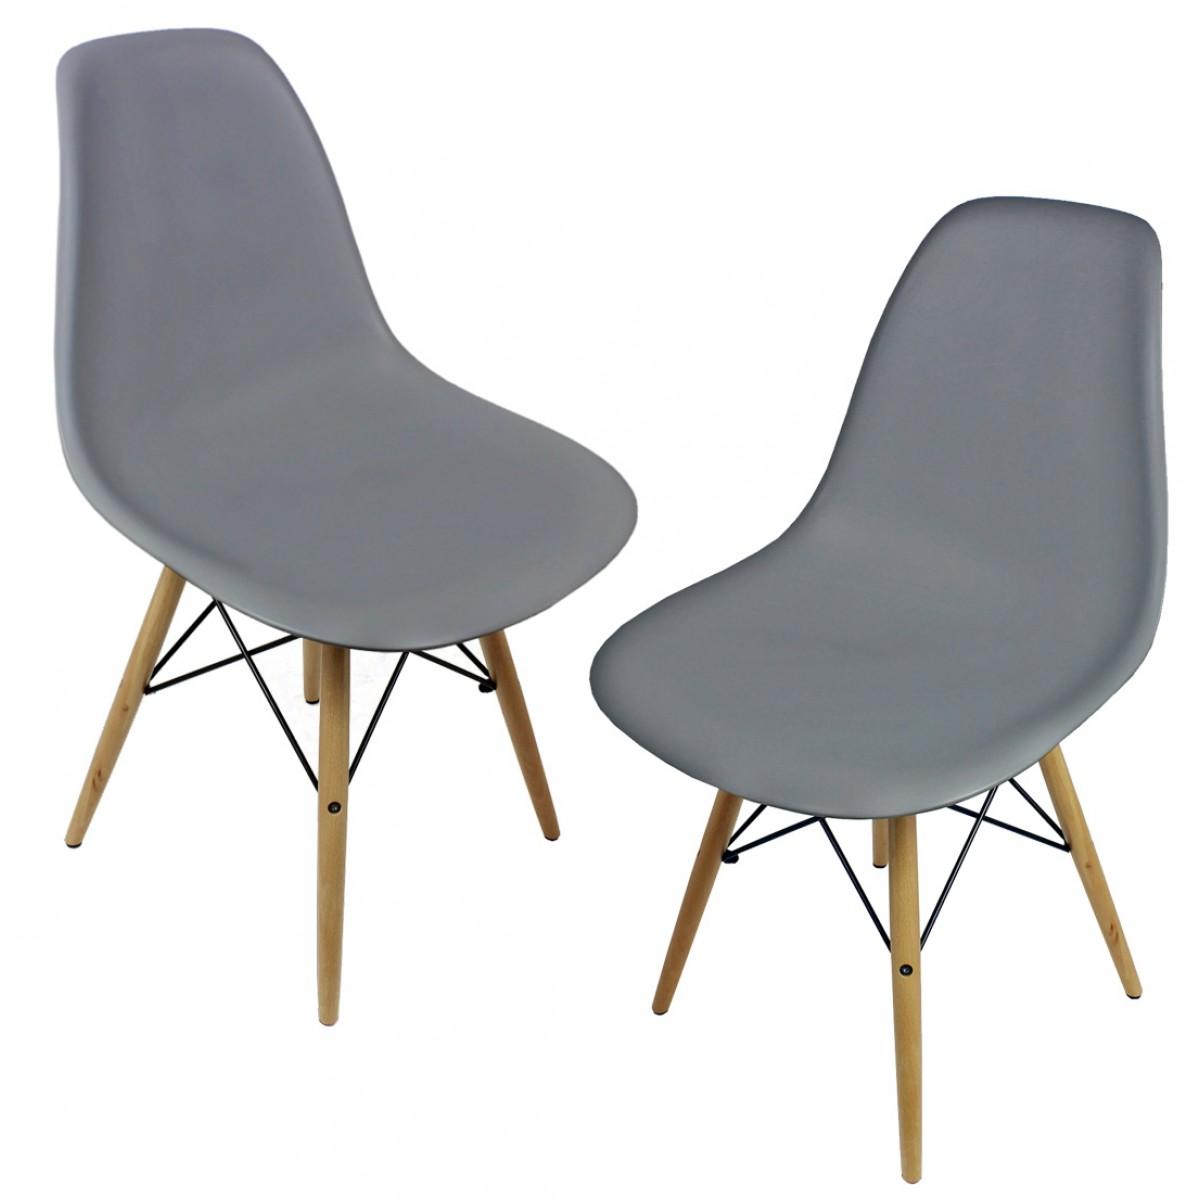 chaises eames pas cher chaise eames noire frais chaise tissu pas cher belle chaise geneva tissu. Black Bedroom Furniture Sets. Home Design Ideas